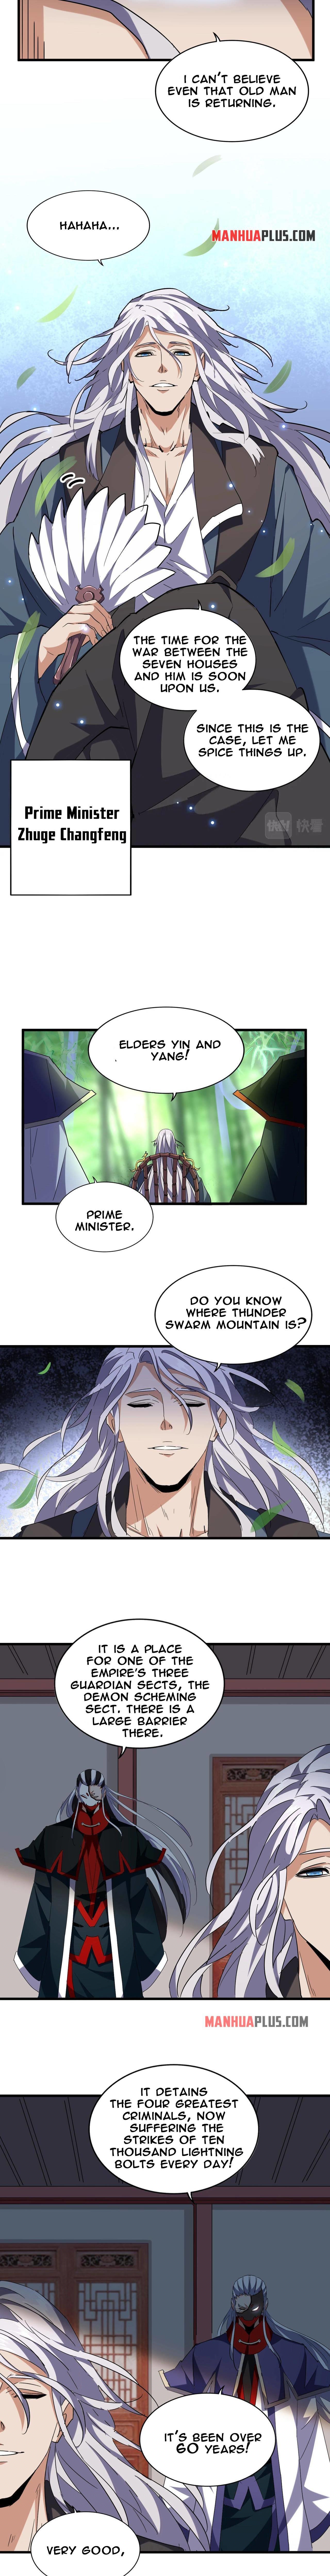 Magic Emperor Chapter 207 page 12 - Mangakakalots.com